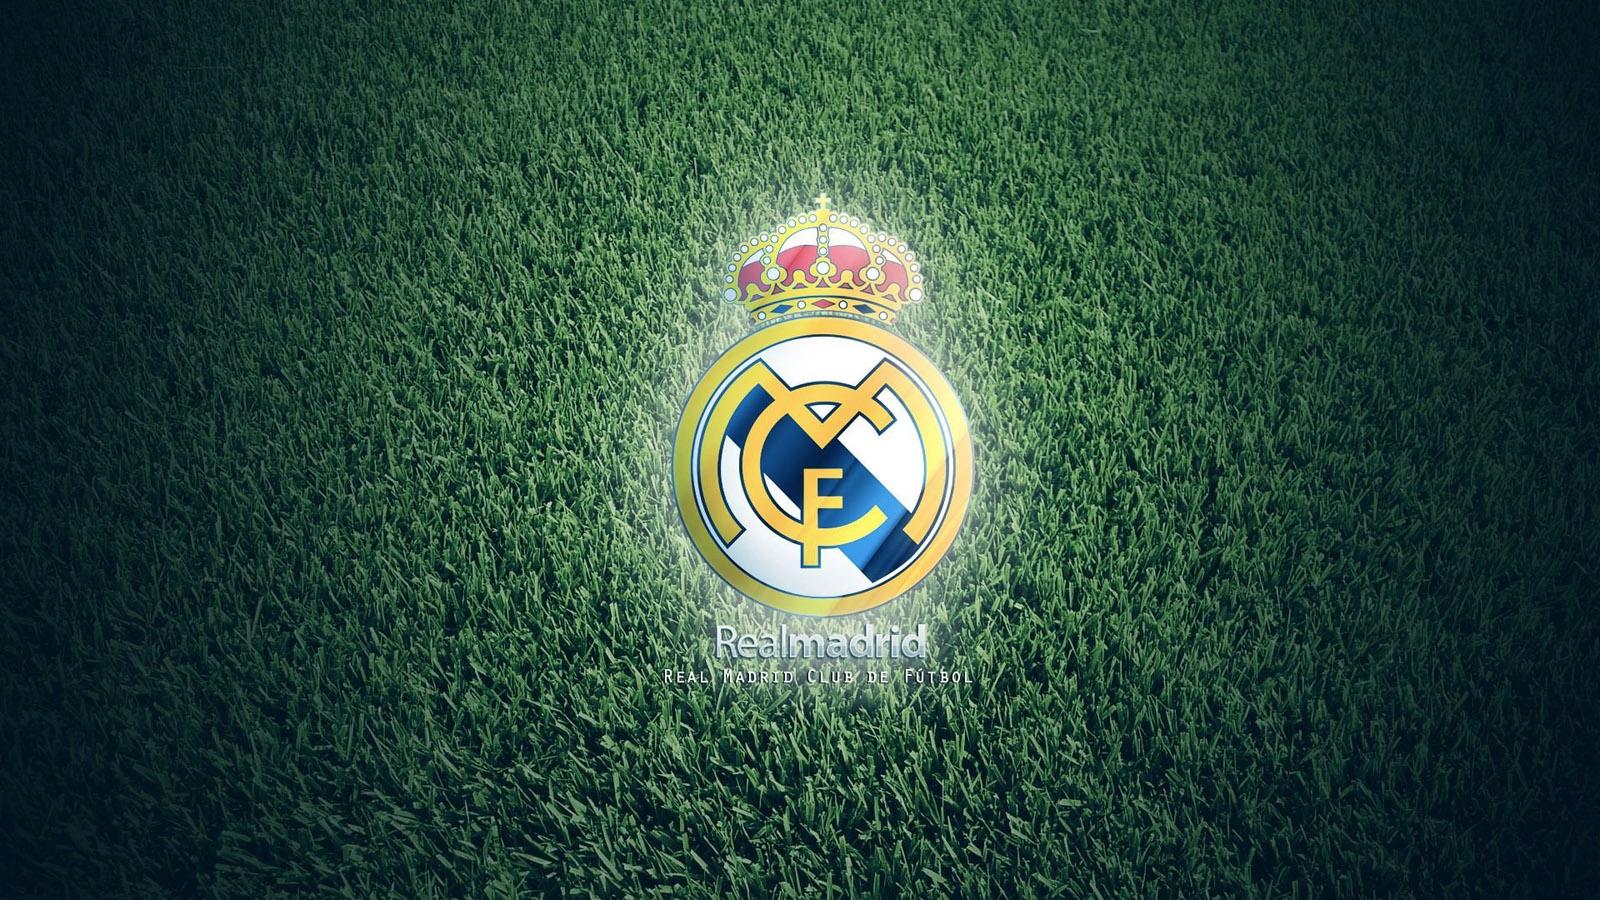 Real Madrid: Real Madrid 2013 Logo Spanish La Liga Hd Desktop Wallpaper